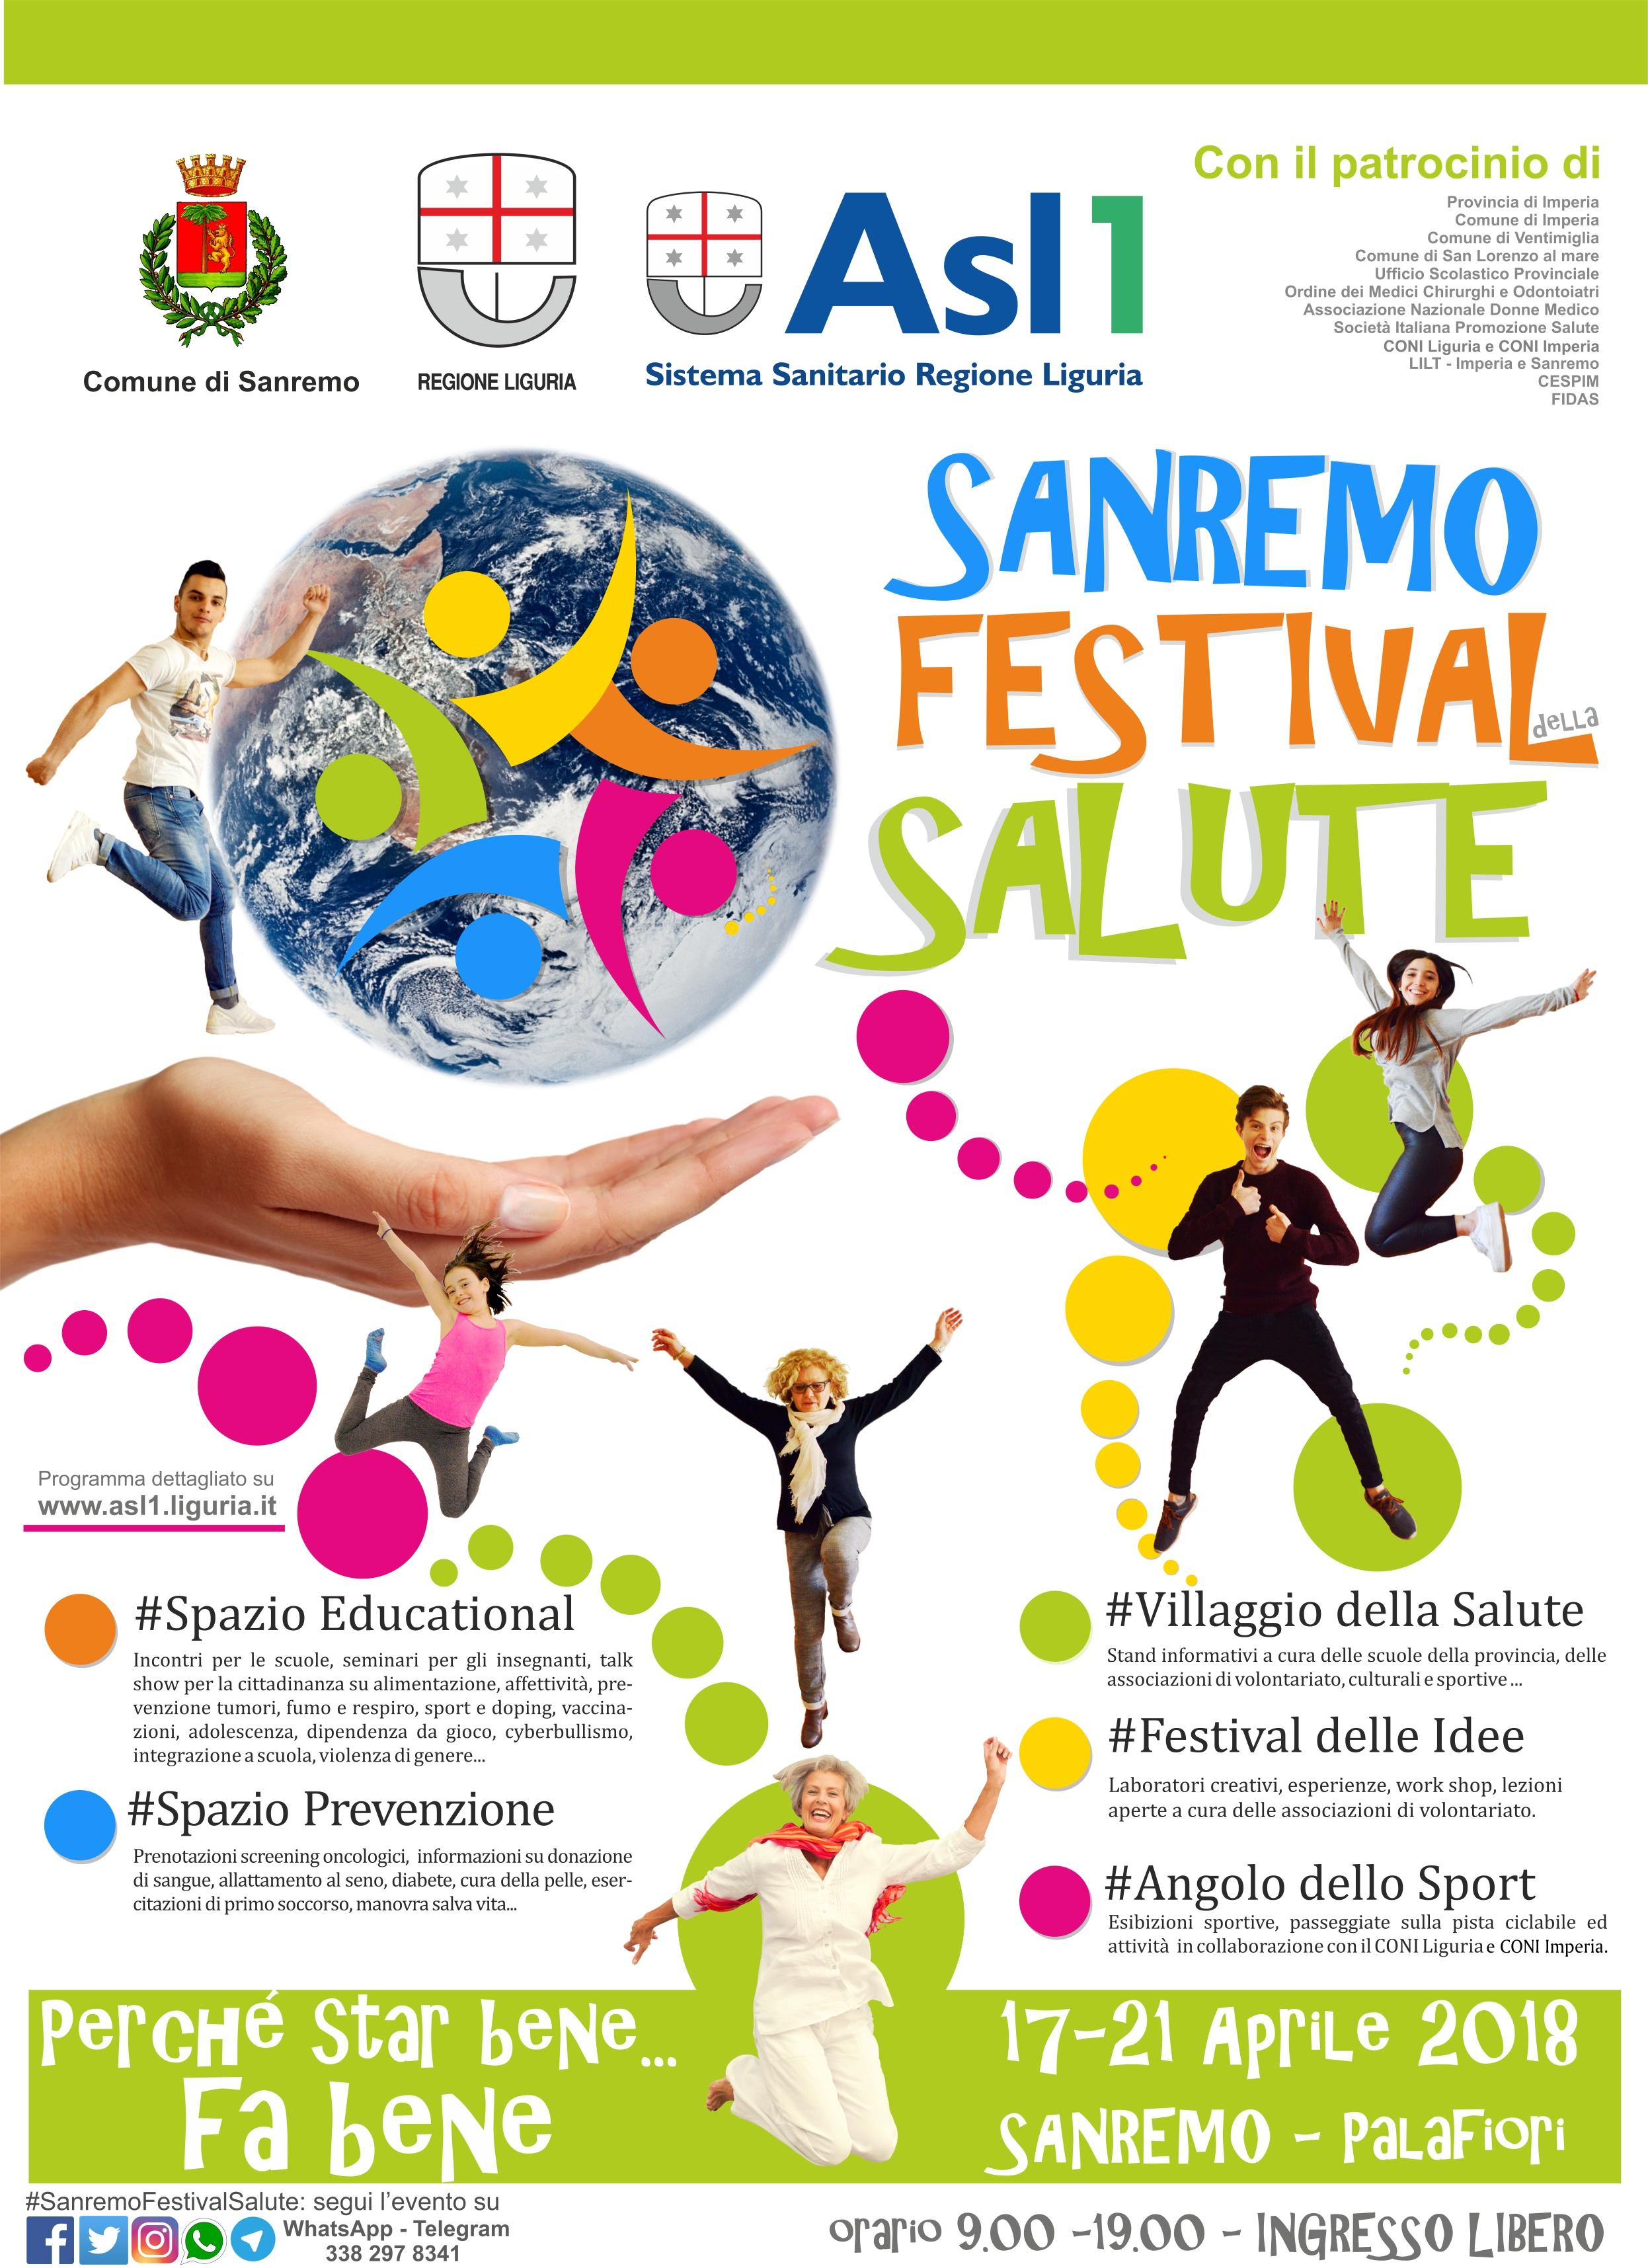 Sanremo Festival Della Salute Al Palafiori Il 3 Appuntamento Di Promozione Del Benessere